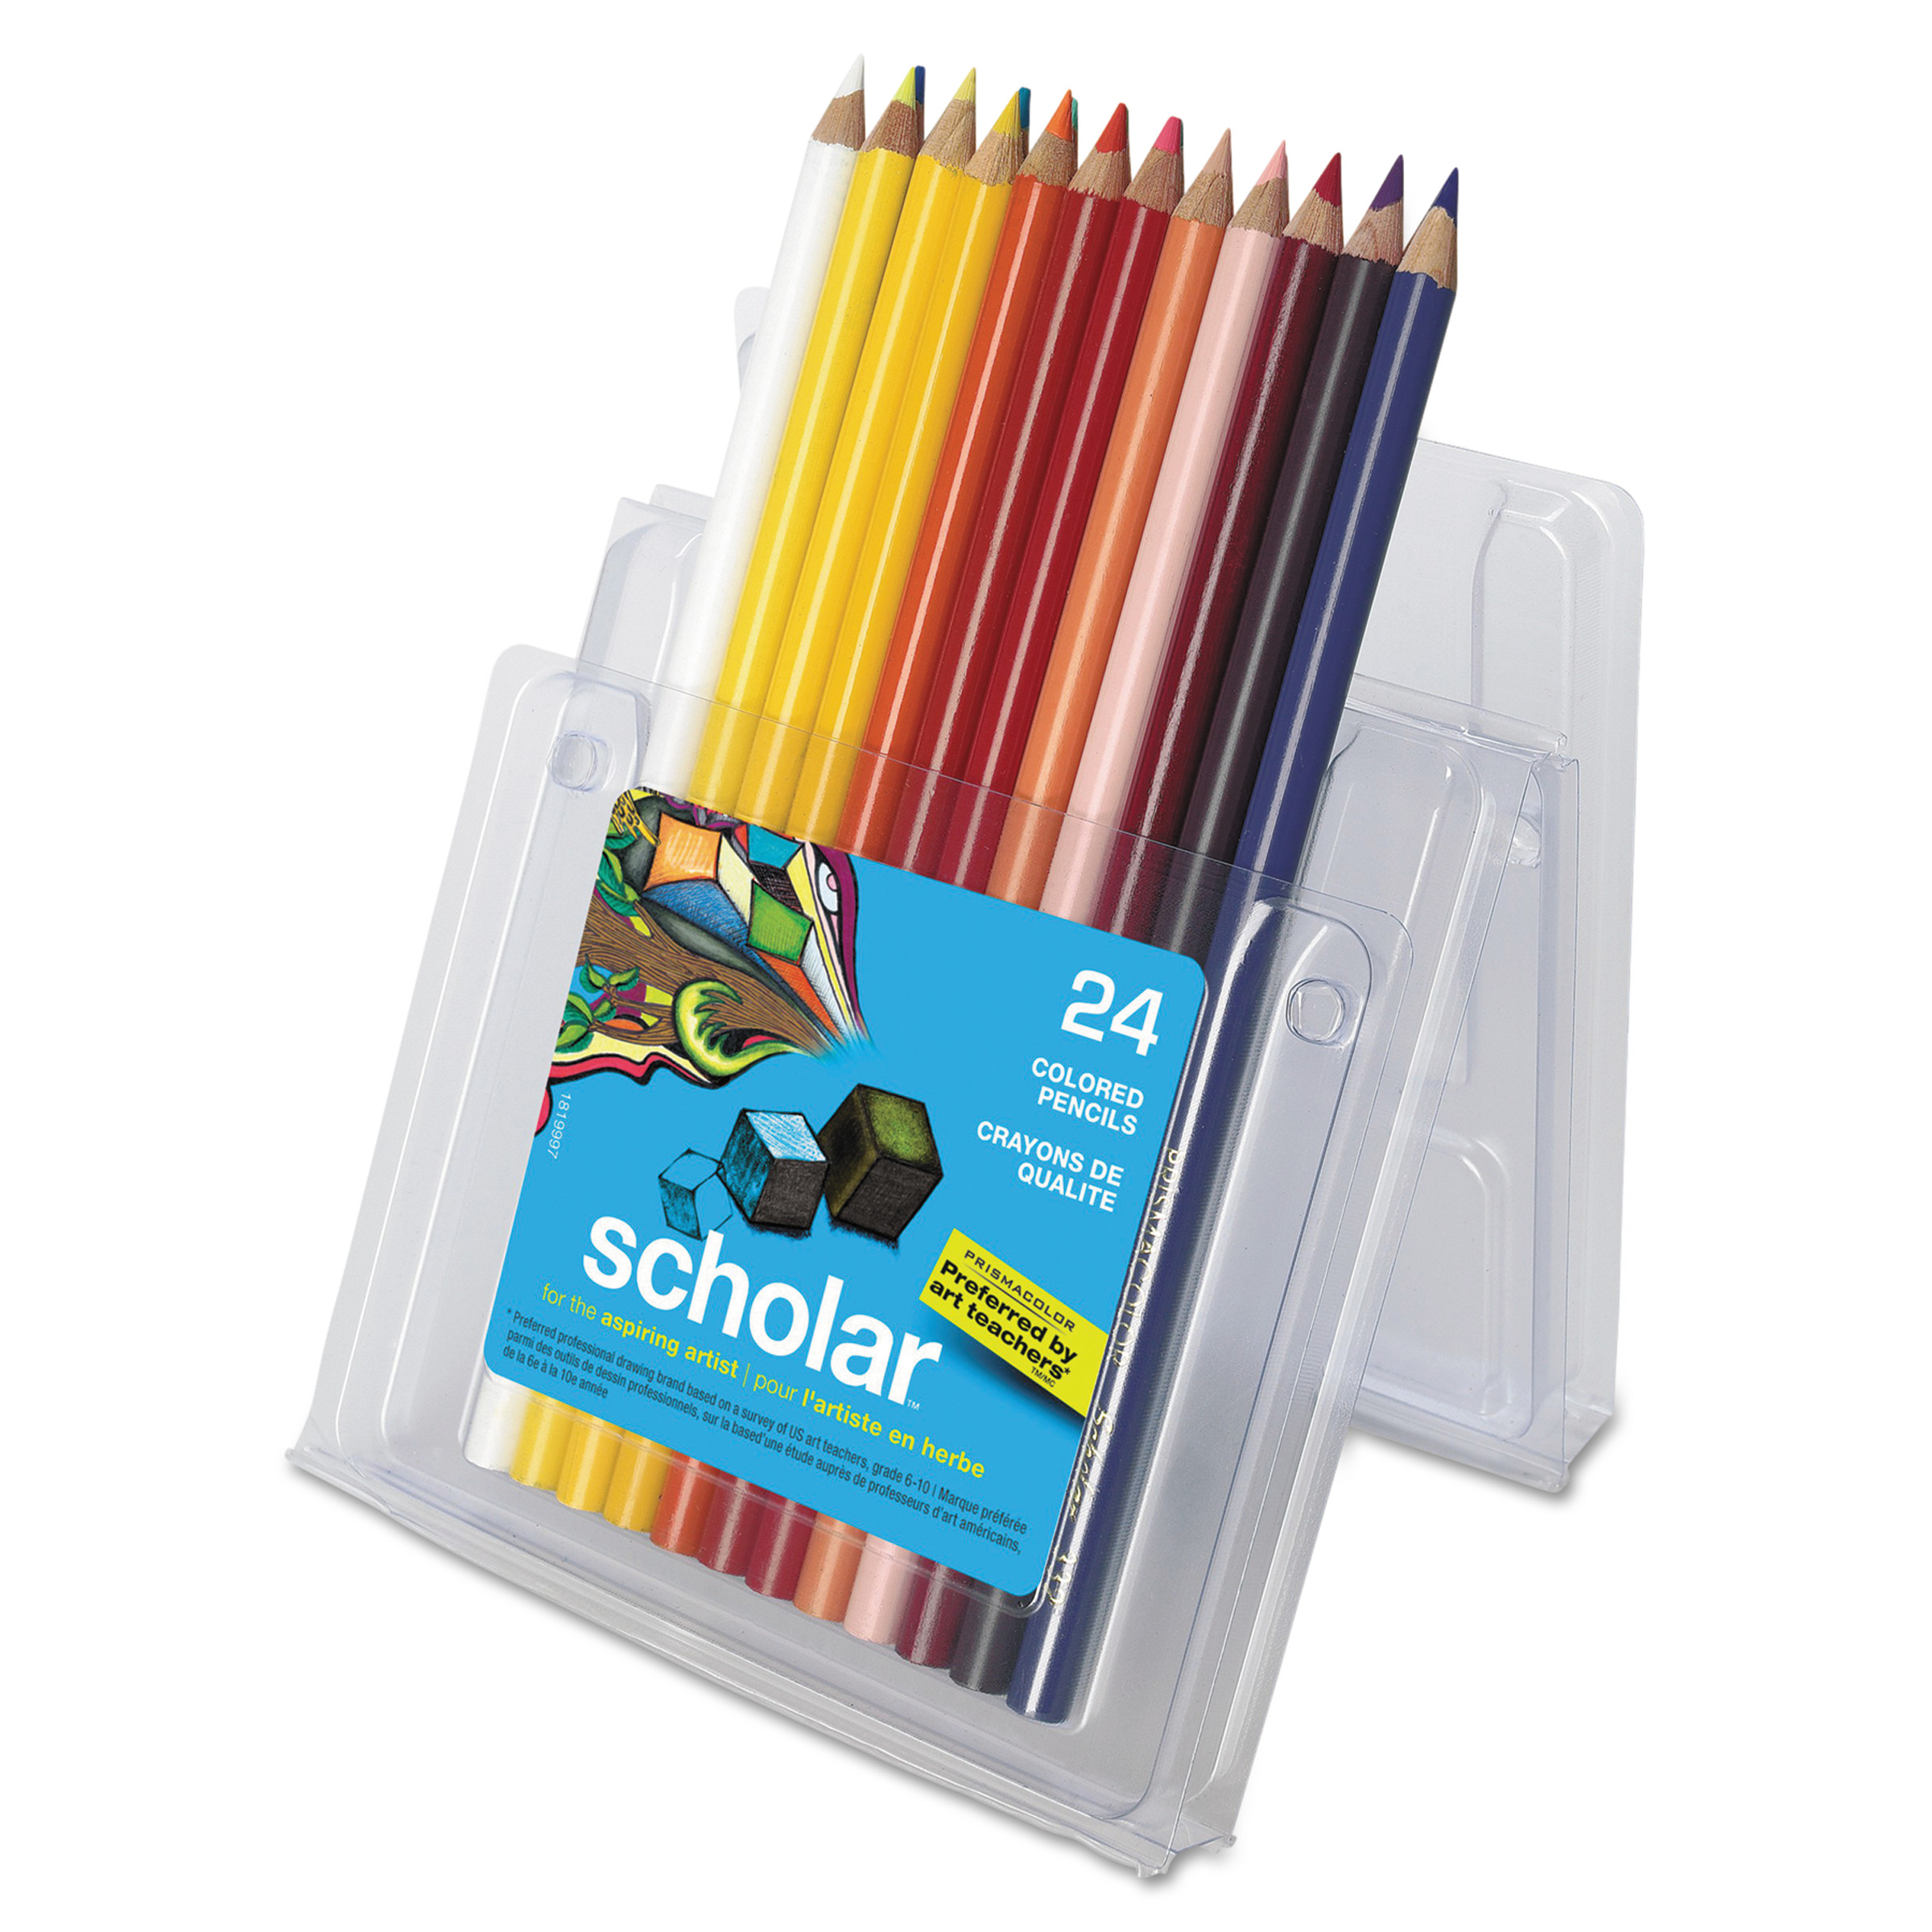 Prismacolor Scholar Colored Pencil Set, 24 Colors